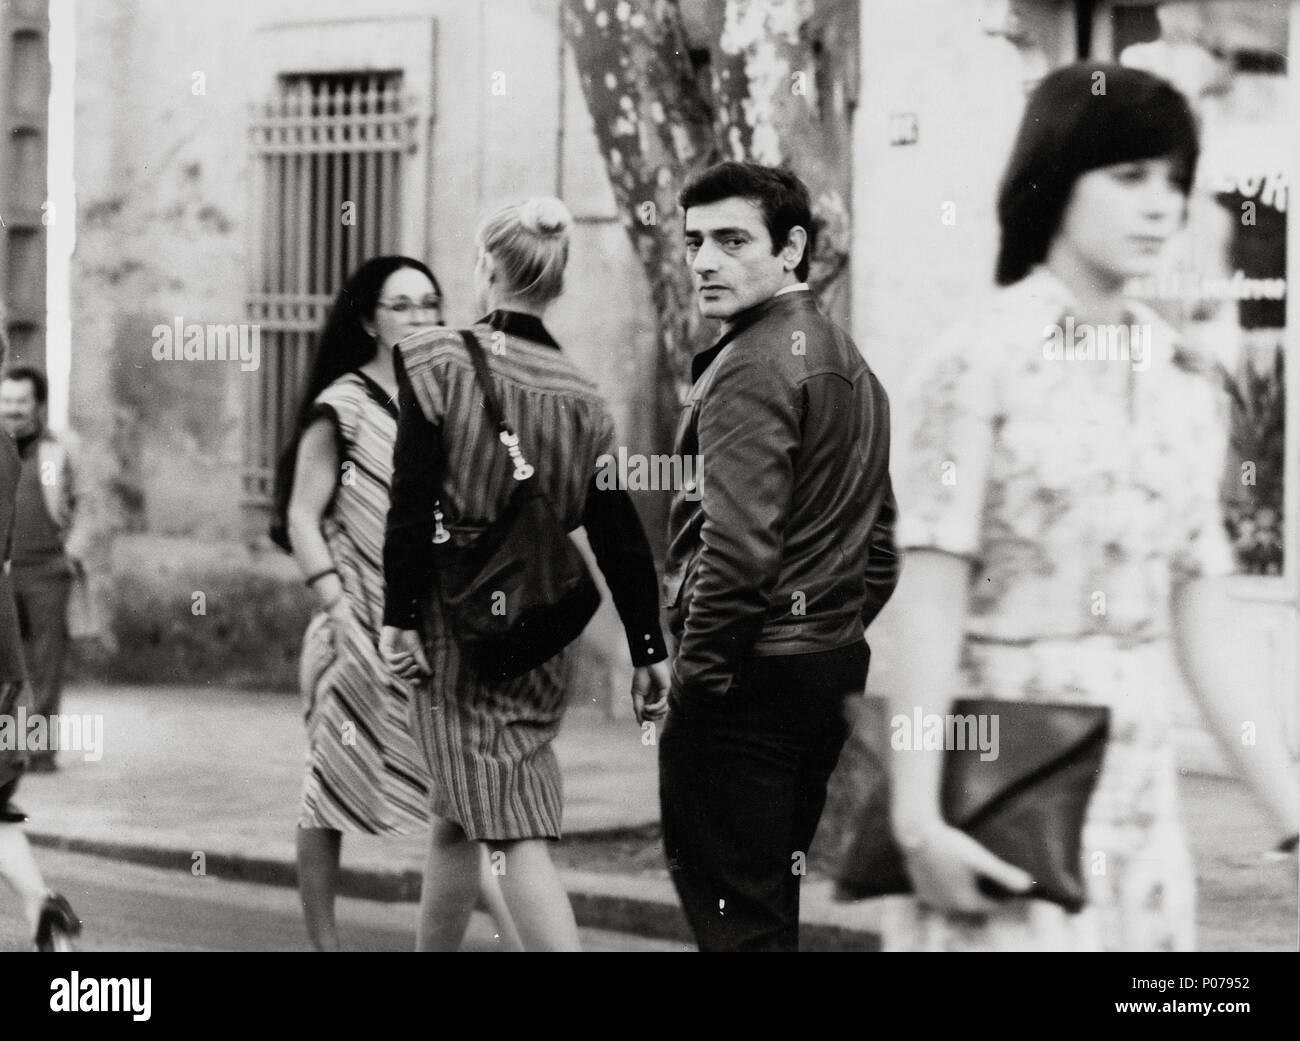 Original Film Title: L' HOMME QUI AIMAIT LES FEMMES. English Title: MAN